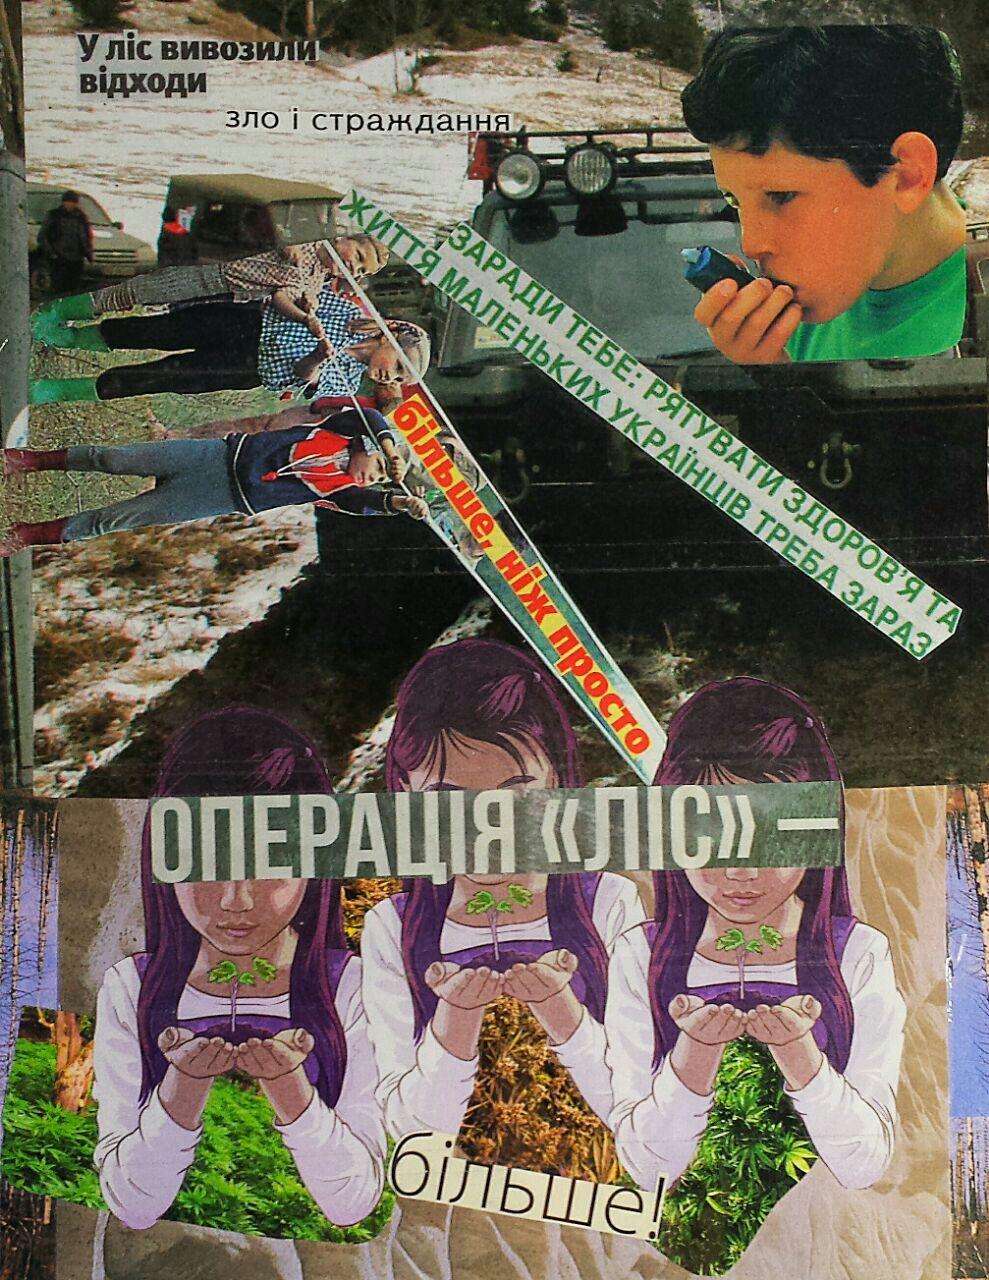 05 in forest - <b>Скотчмакулатура.</b> Проєкт Марії Проніної - у «Рівні цензури» - Заборона